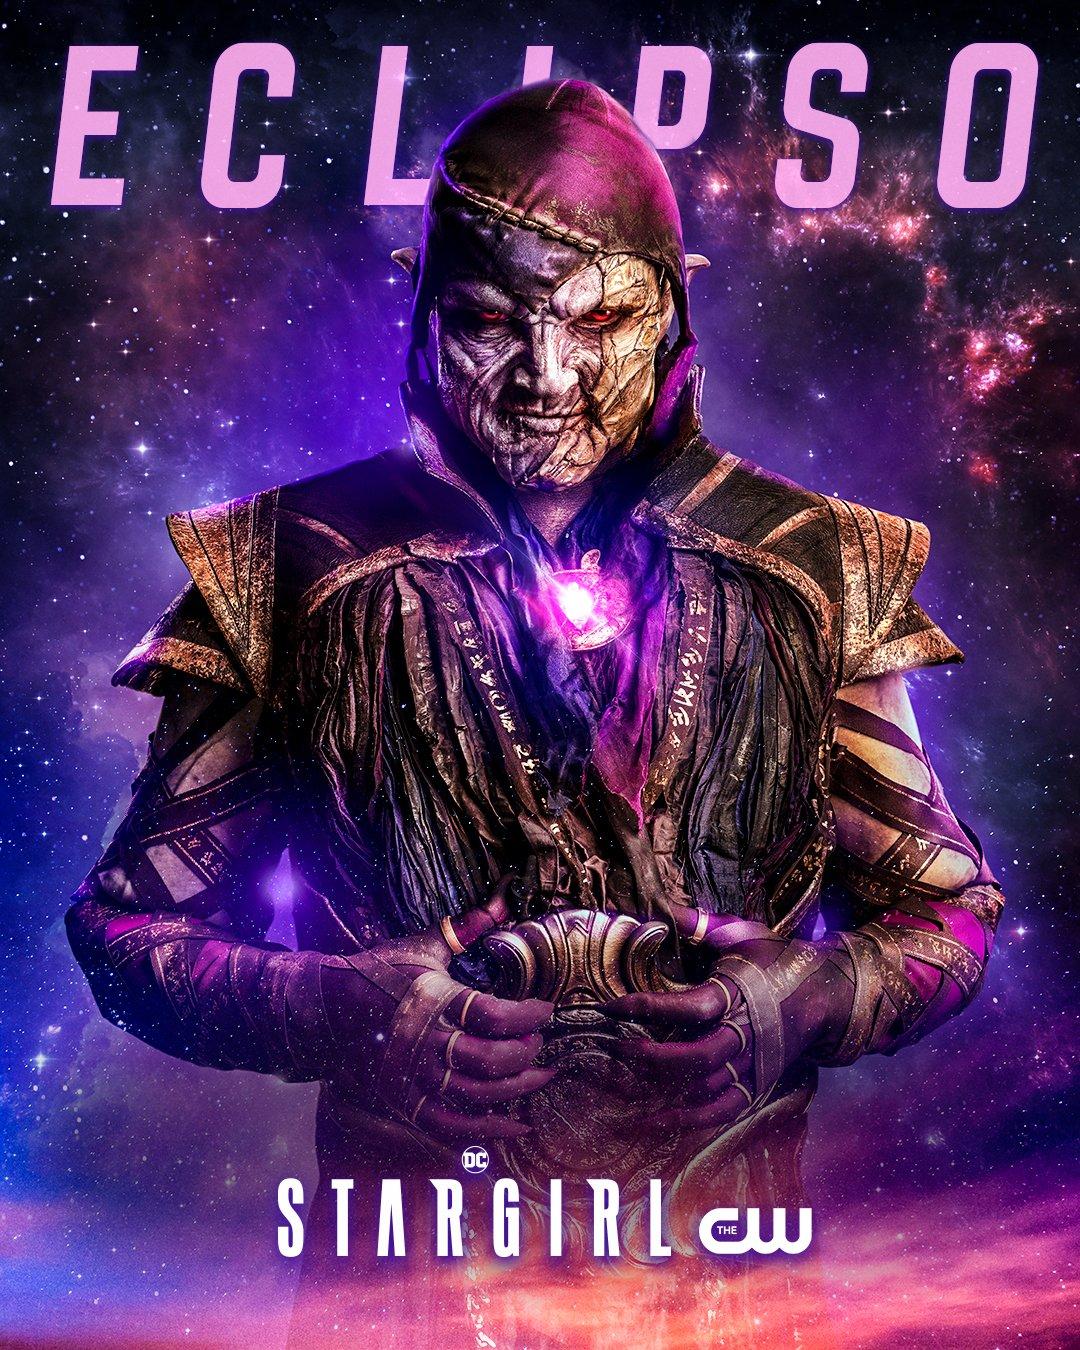 Eclipso (Nick Tarabay) en la temporada 2 de Stargirl. Imagen: DC's Stargirl Twitter (@stargirl_cw).